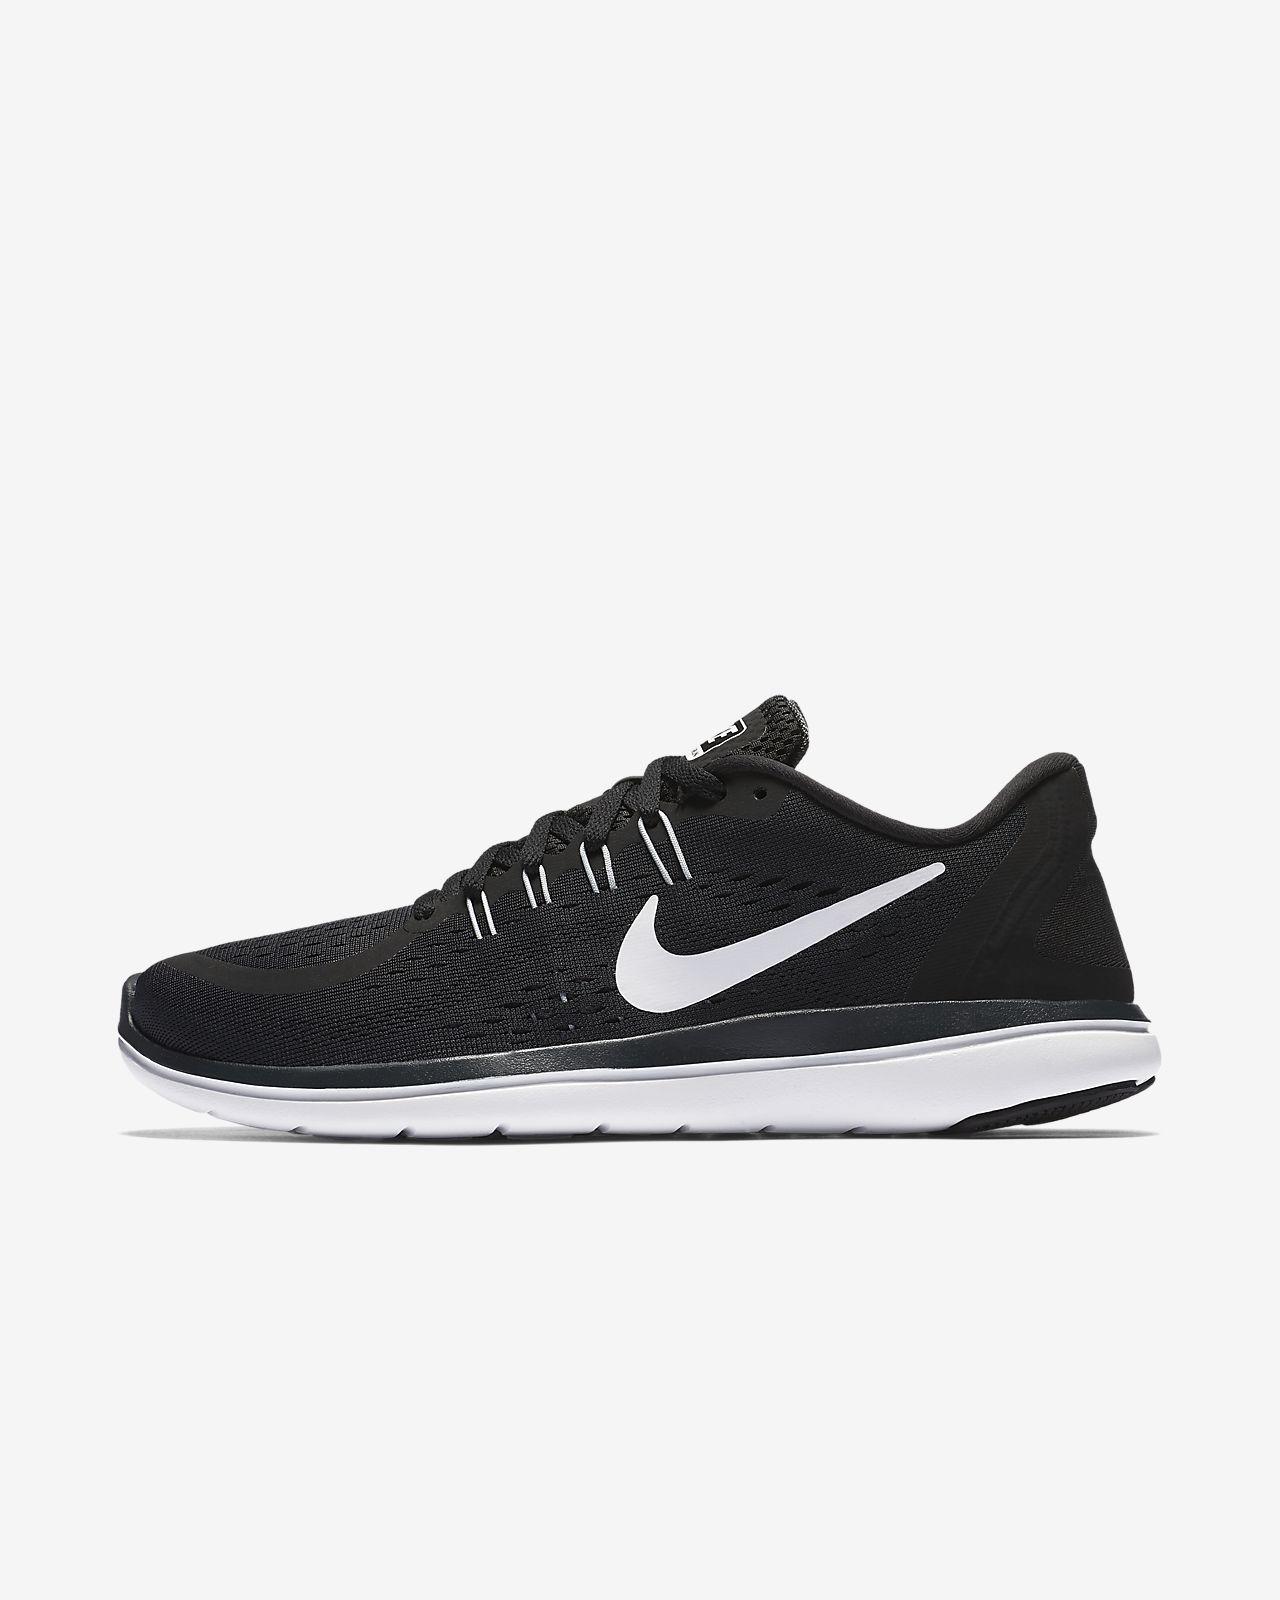 b683c6423a19 Nike Flex 2017 RN Women s Running Shoe. Nike.com HU